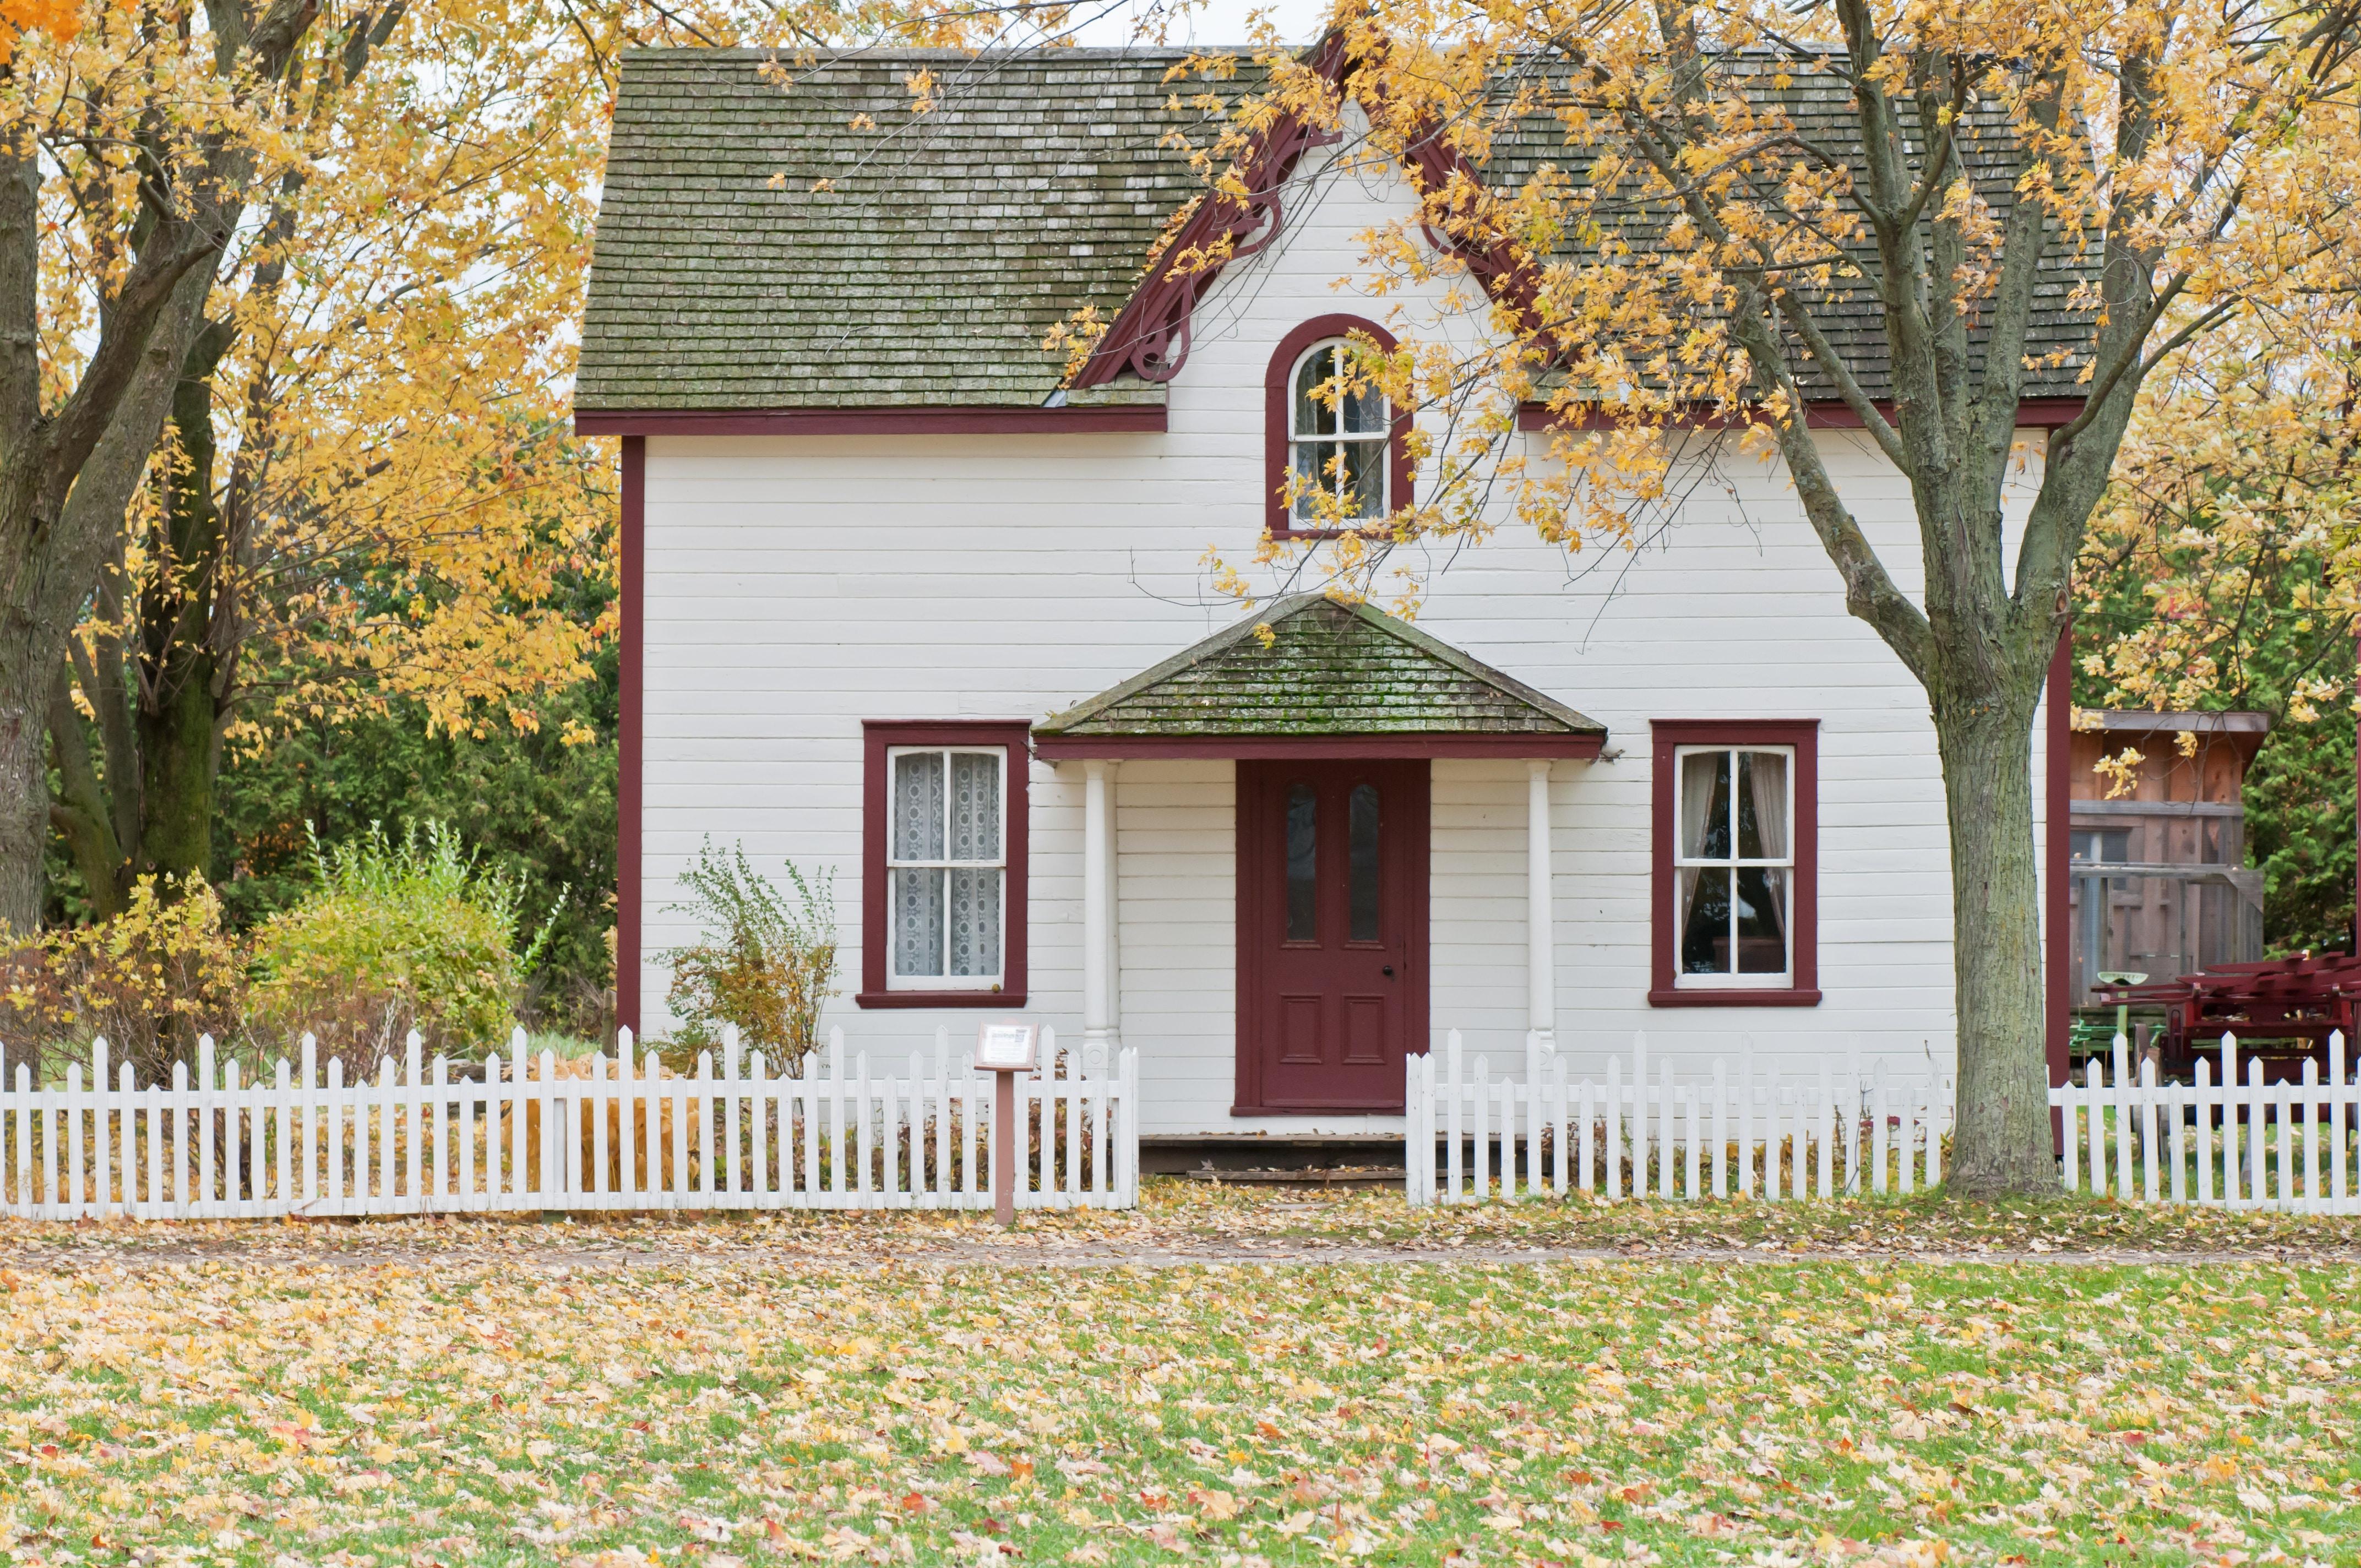 OIG Home Insurance